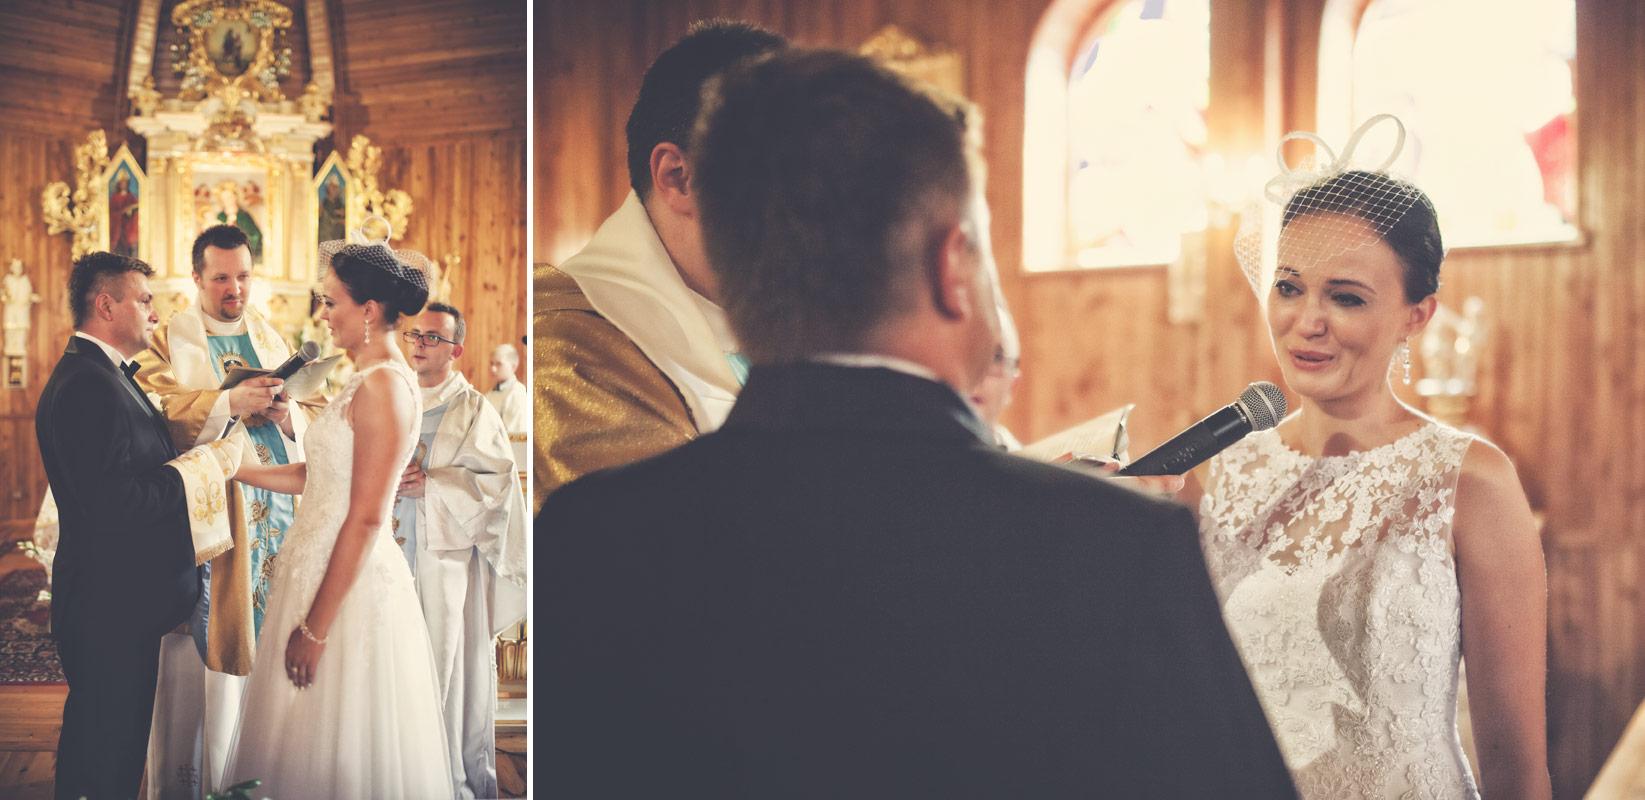 Wesele w Baranowskiej Chacie - przysięga małżeńska